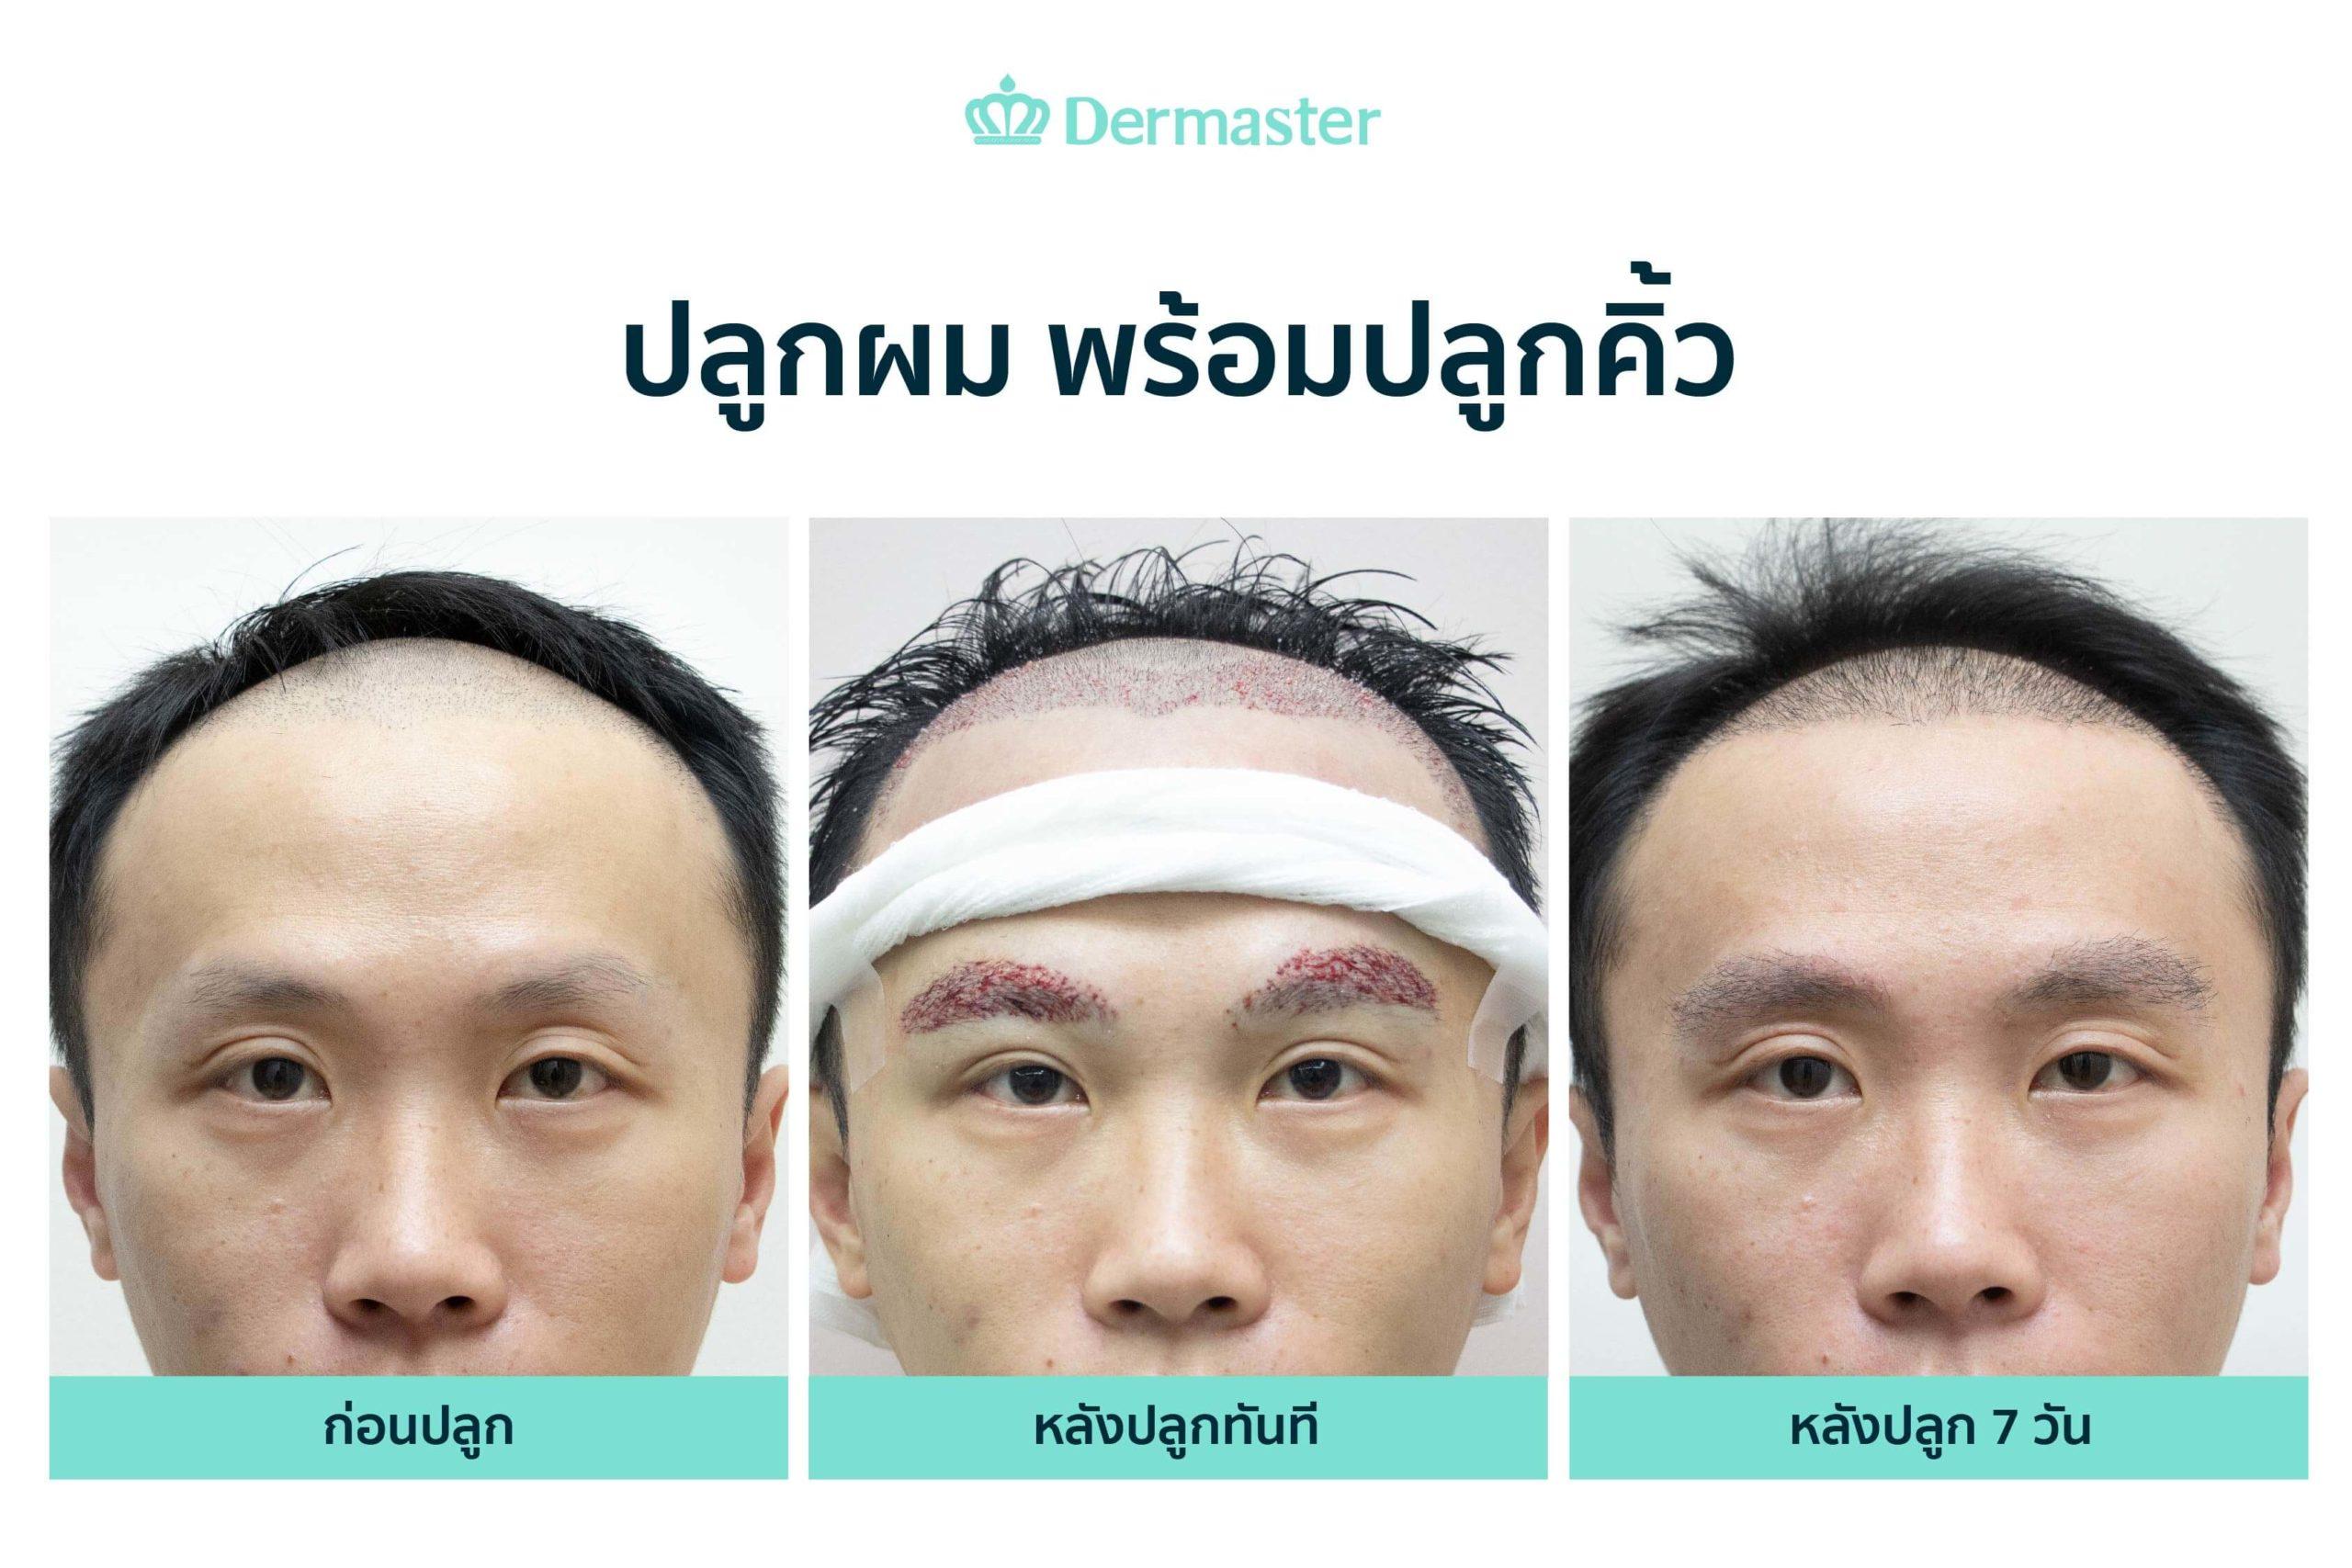 dermaster-before-hair-transplant-04